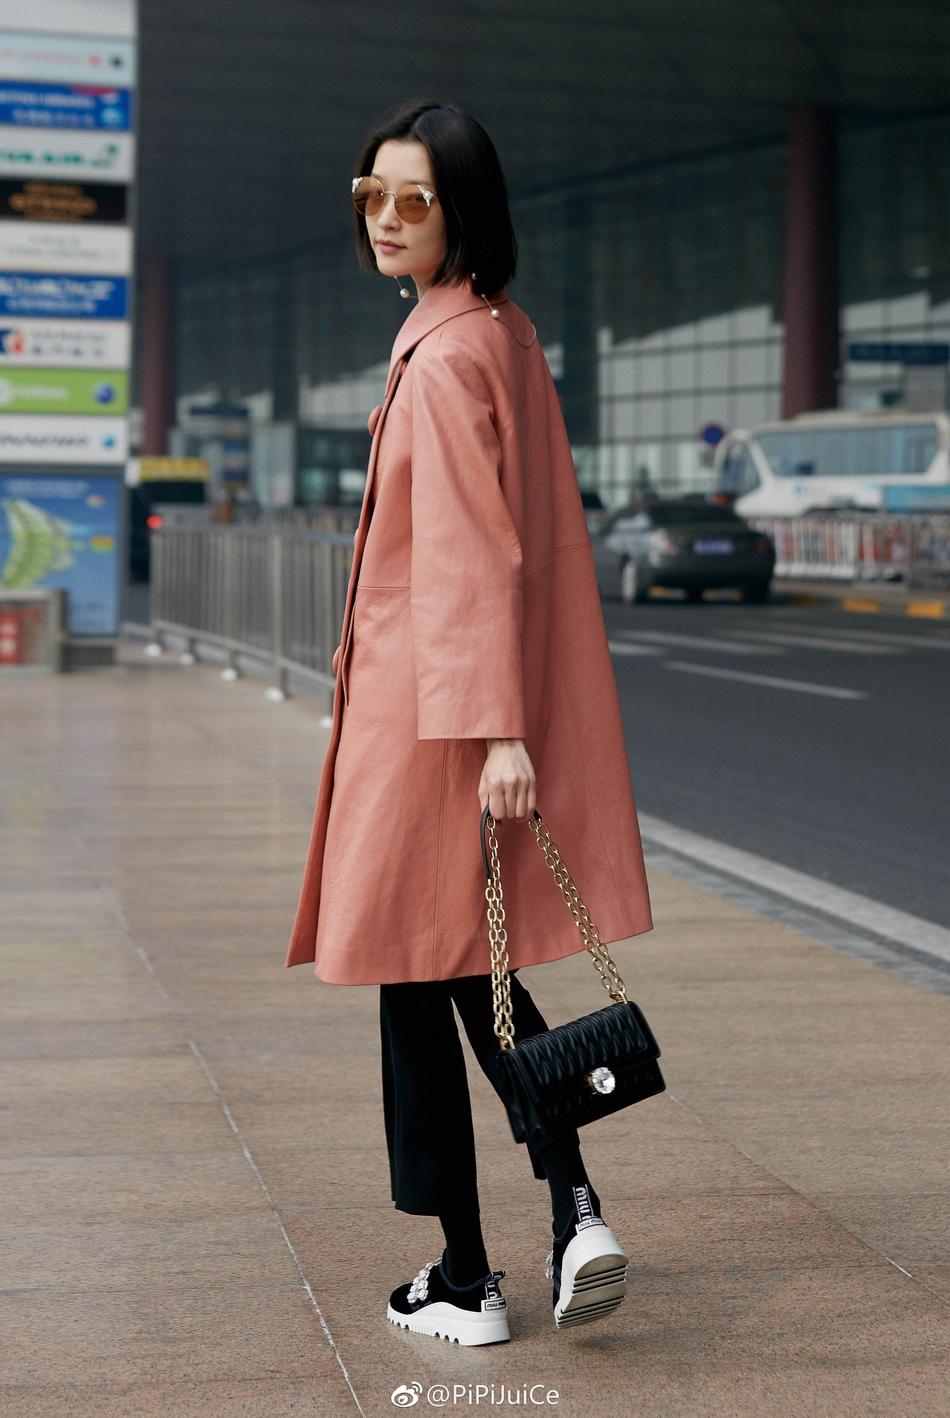 杜鹃现身机场启程巴黎时装周_穿粉嫩皮衣率性出镜气质满分